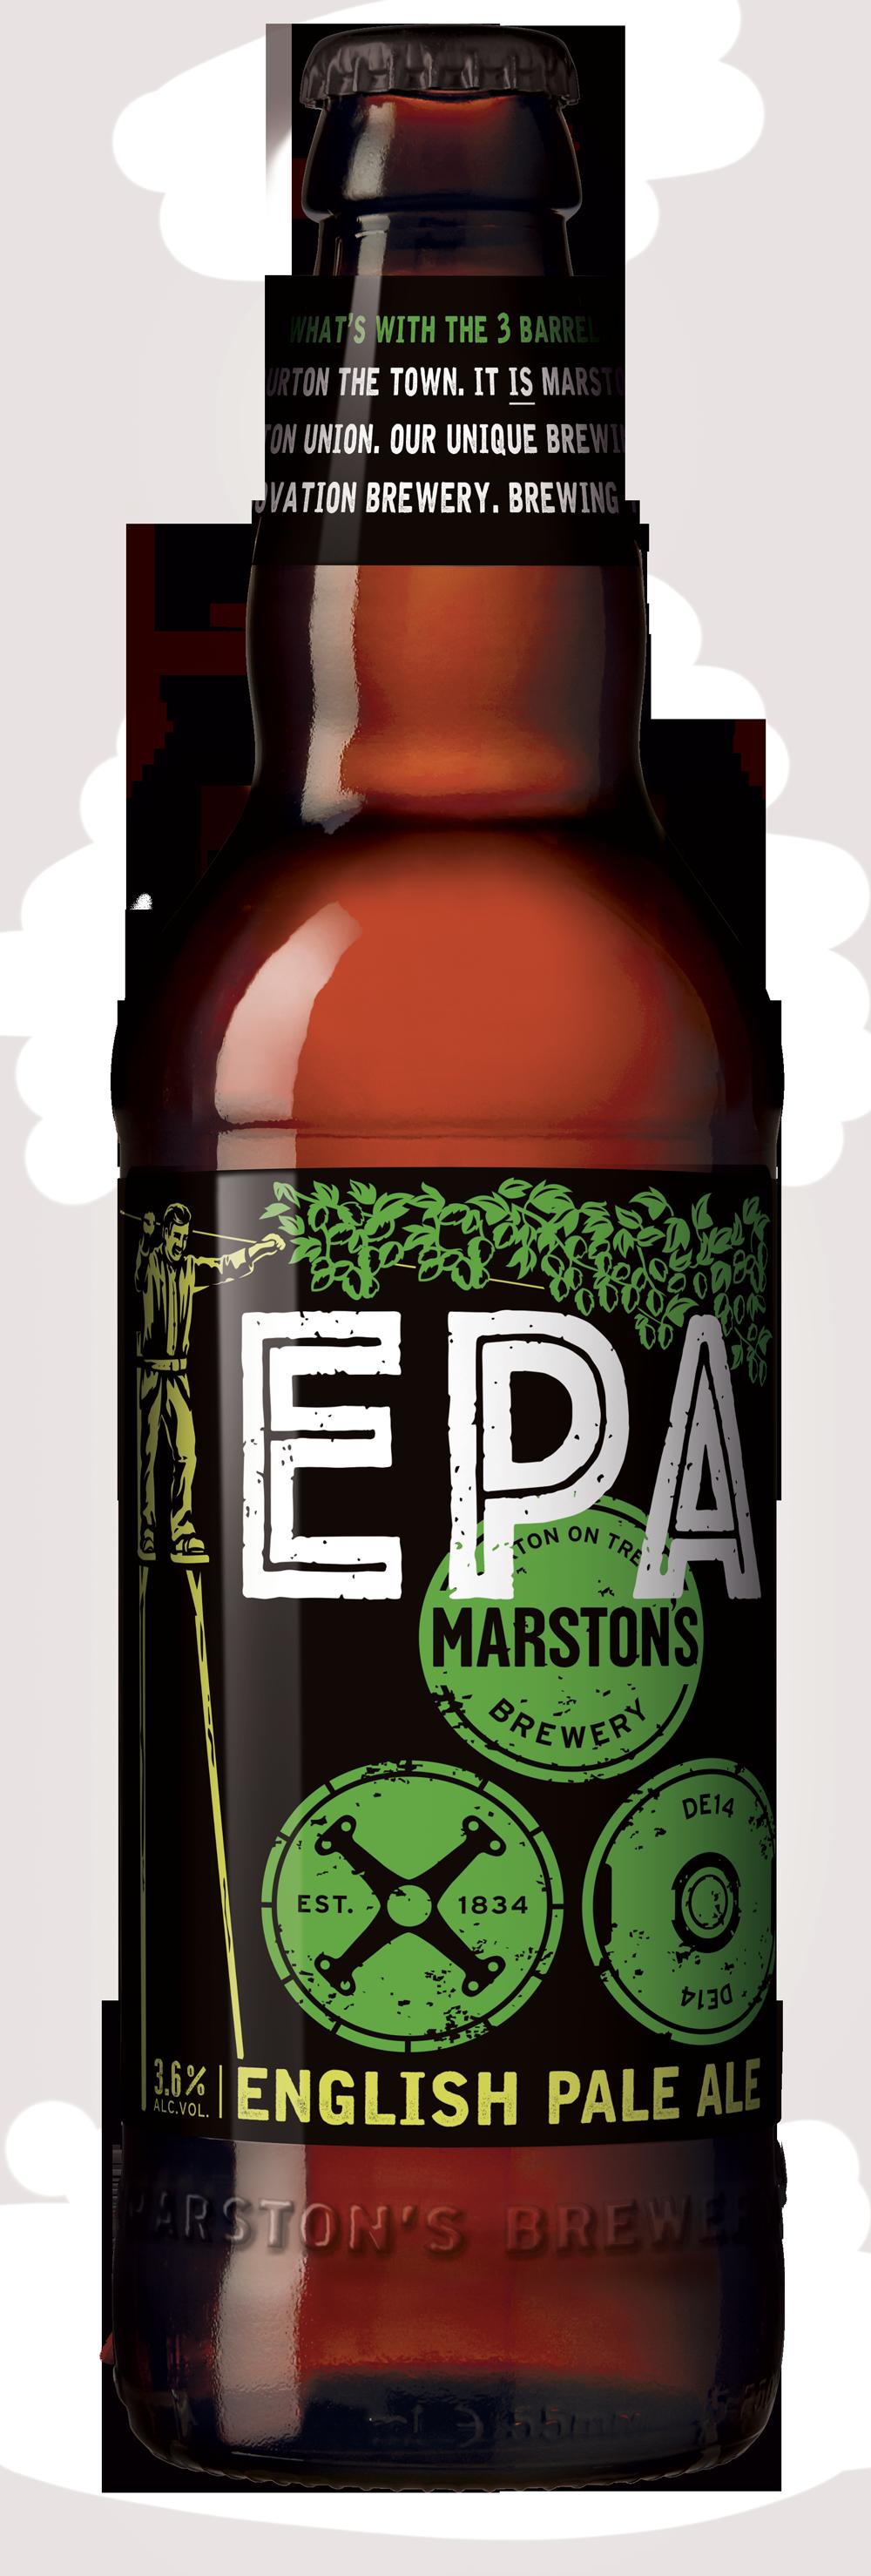 EPA Bottle